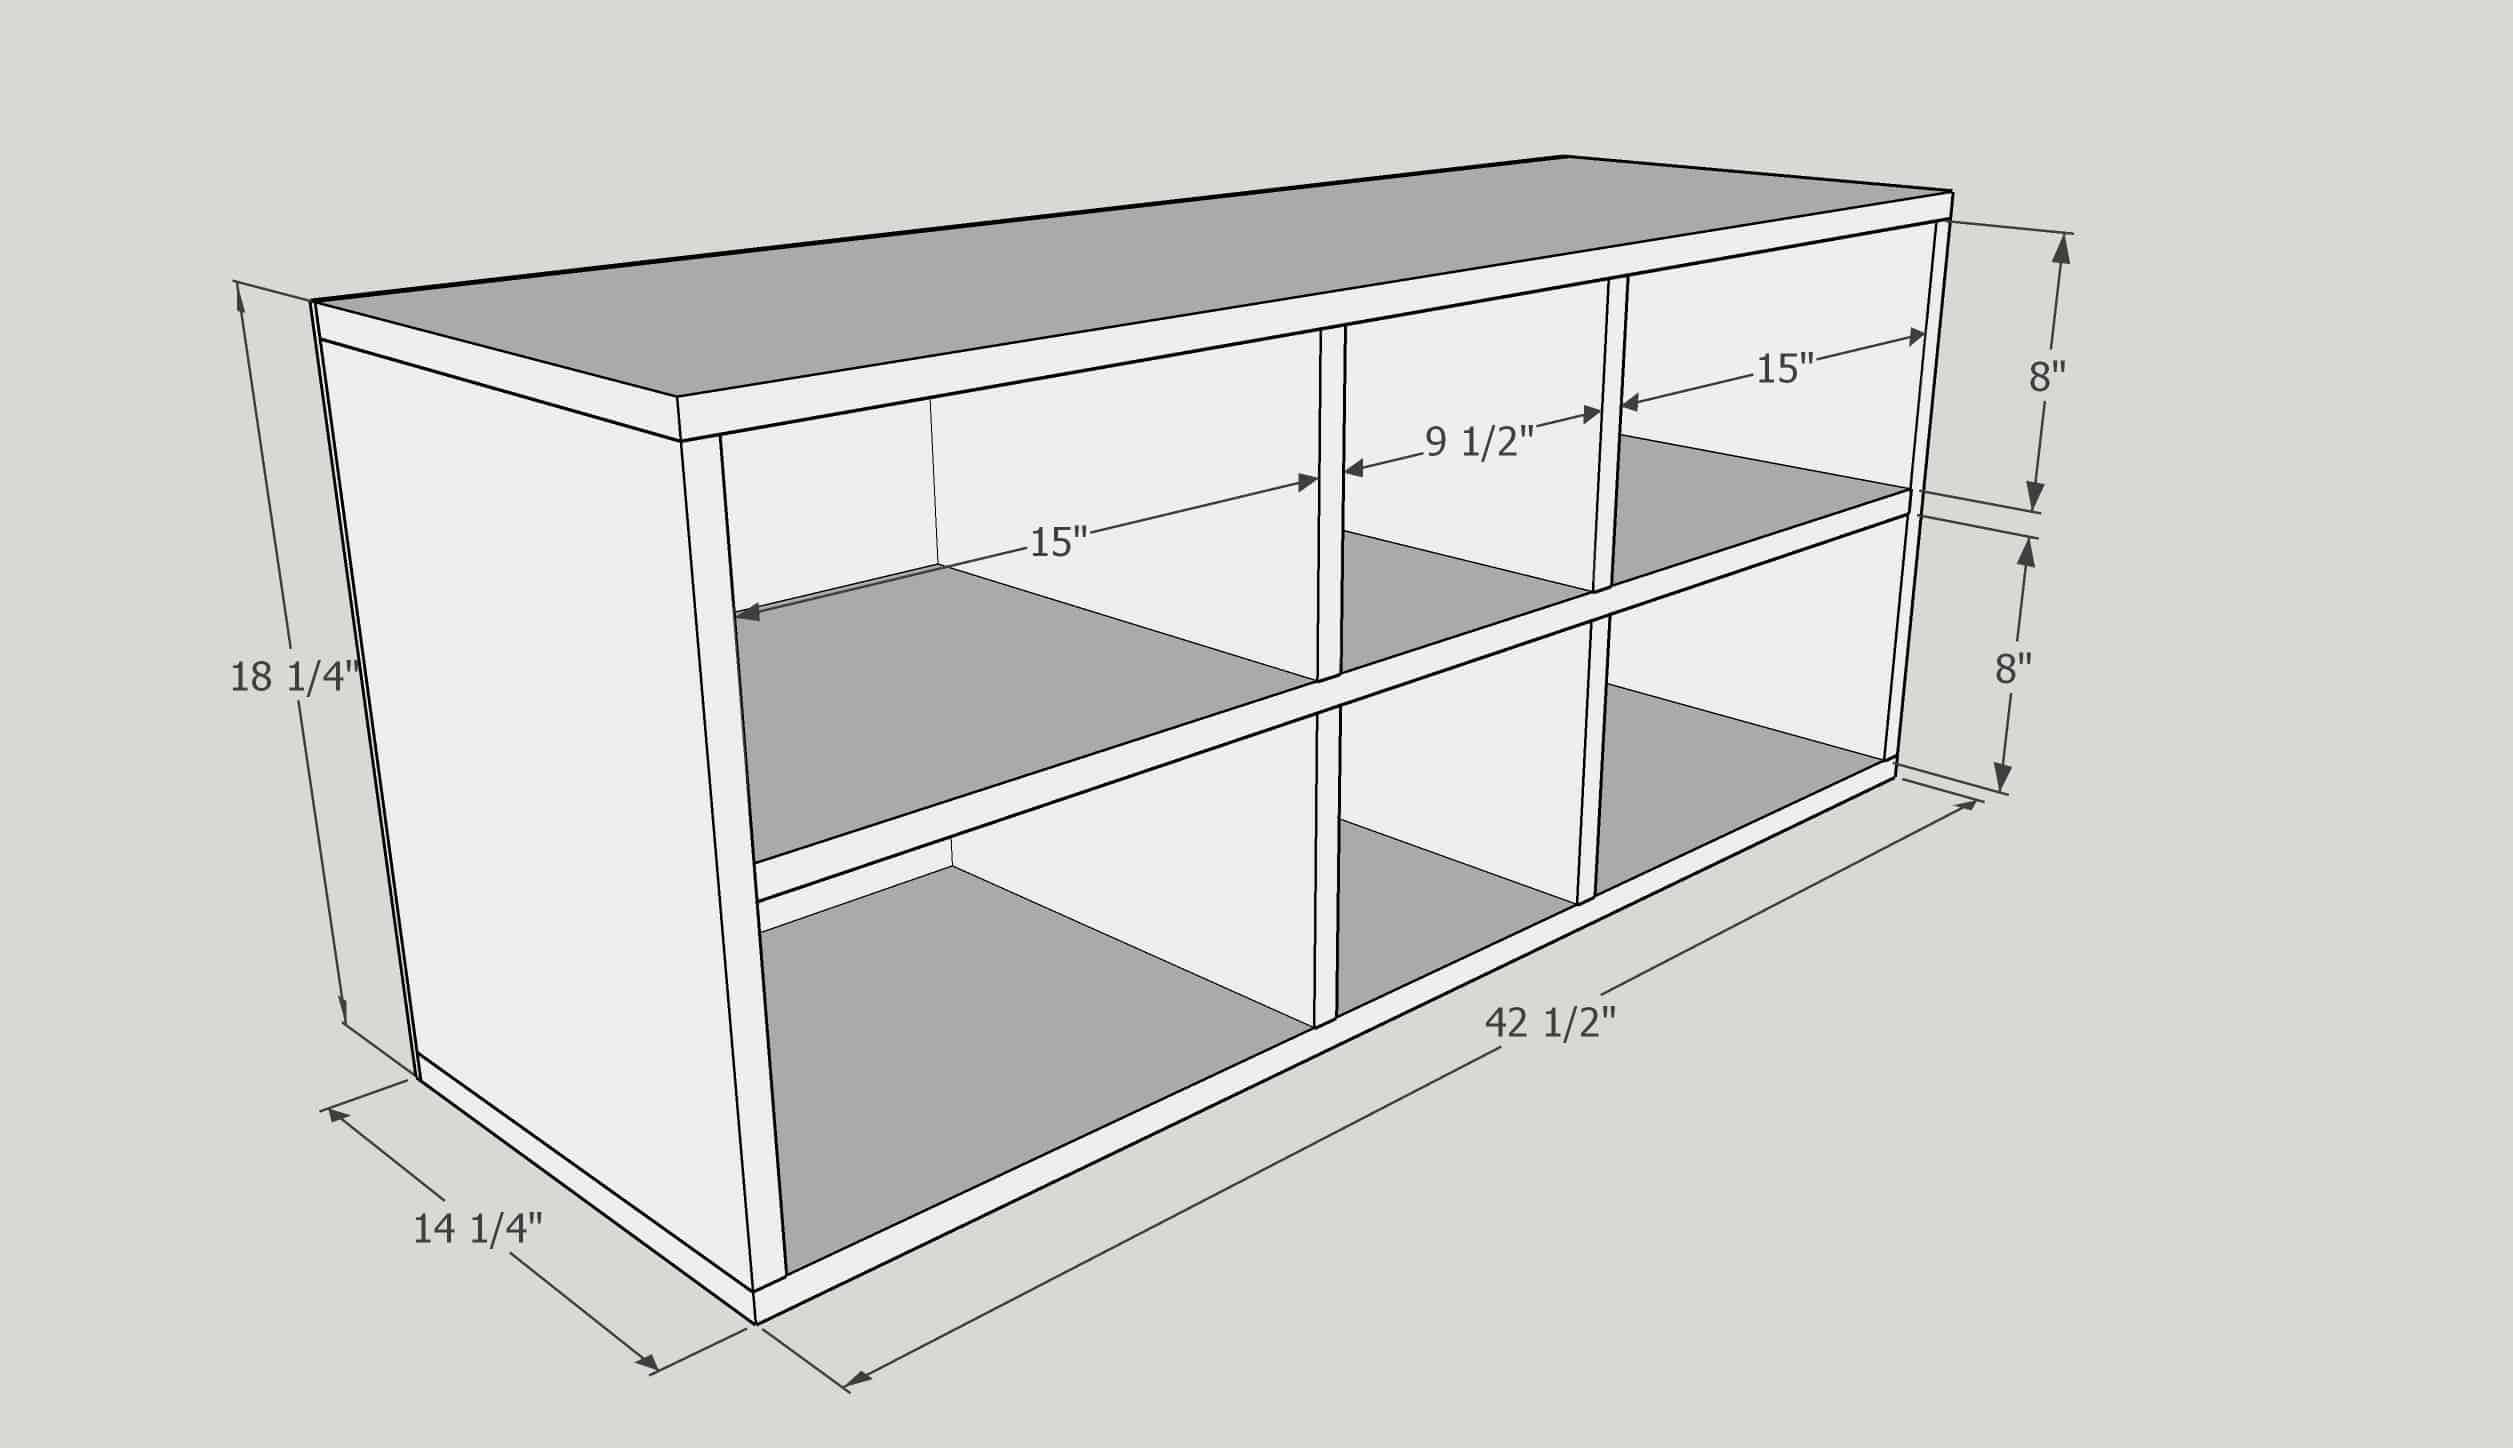 3D model of shelves for DIY built in entertainment center